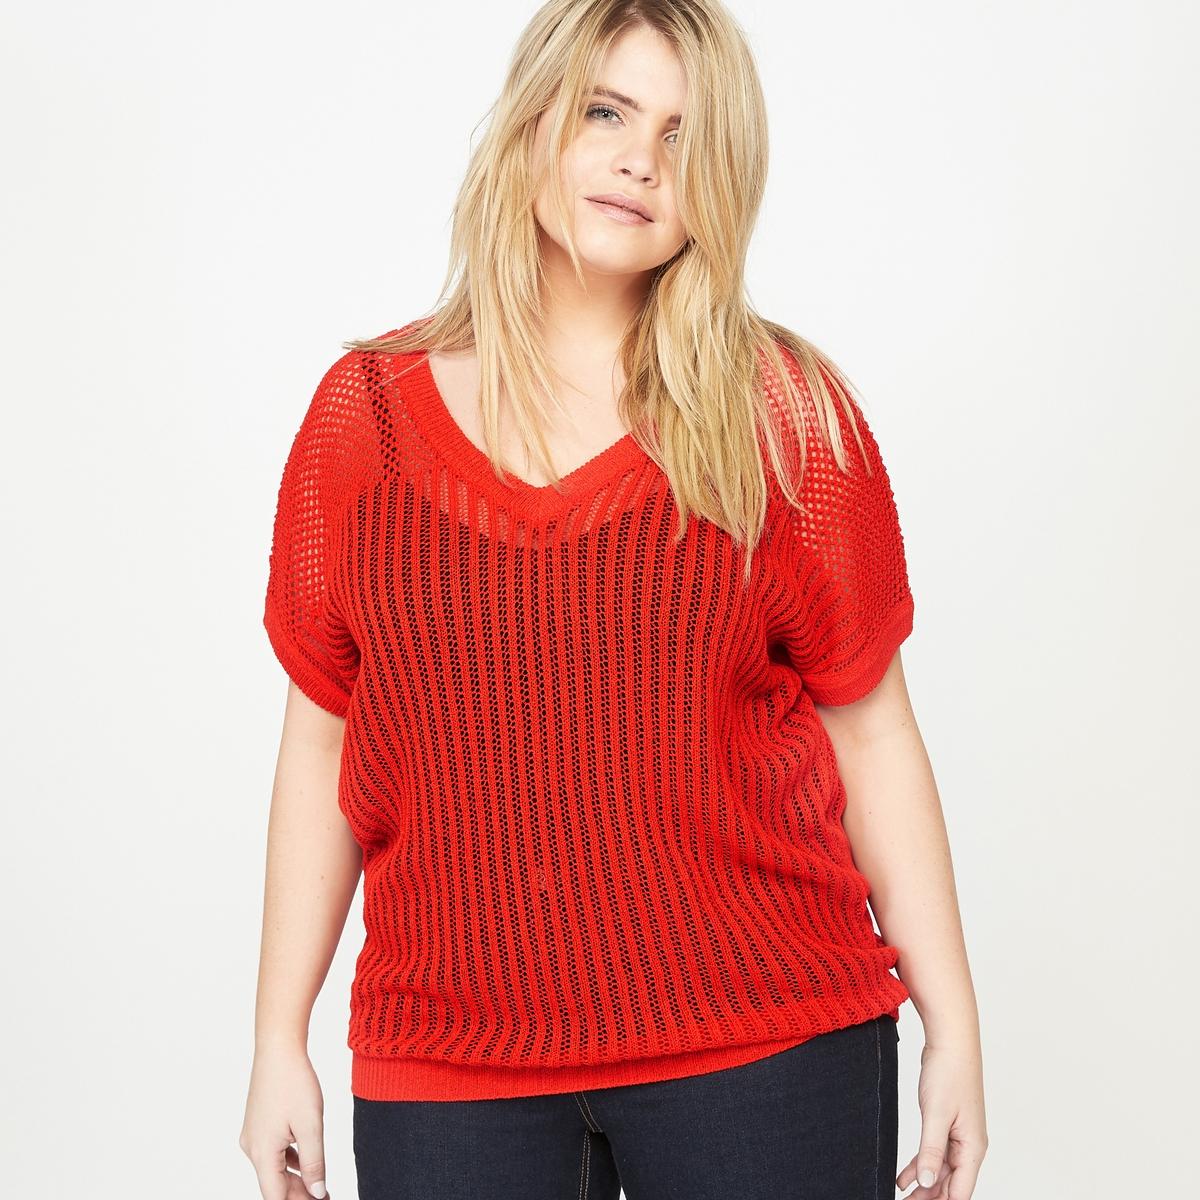 Пуловер с короткими рукавамиСостав и описание :Материал : 75 % акрила, 25 % полиамида . Длина 72 см, для размера 48.Марка : CASTALUNA..Уход : Машинная стирка при 30 °С в деликатном режиме.<br><br>Цвет: красный